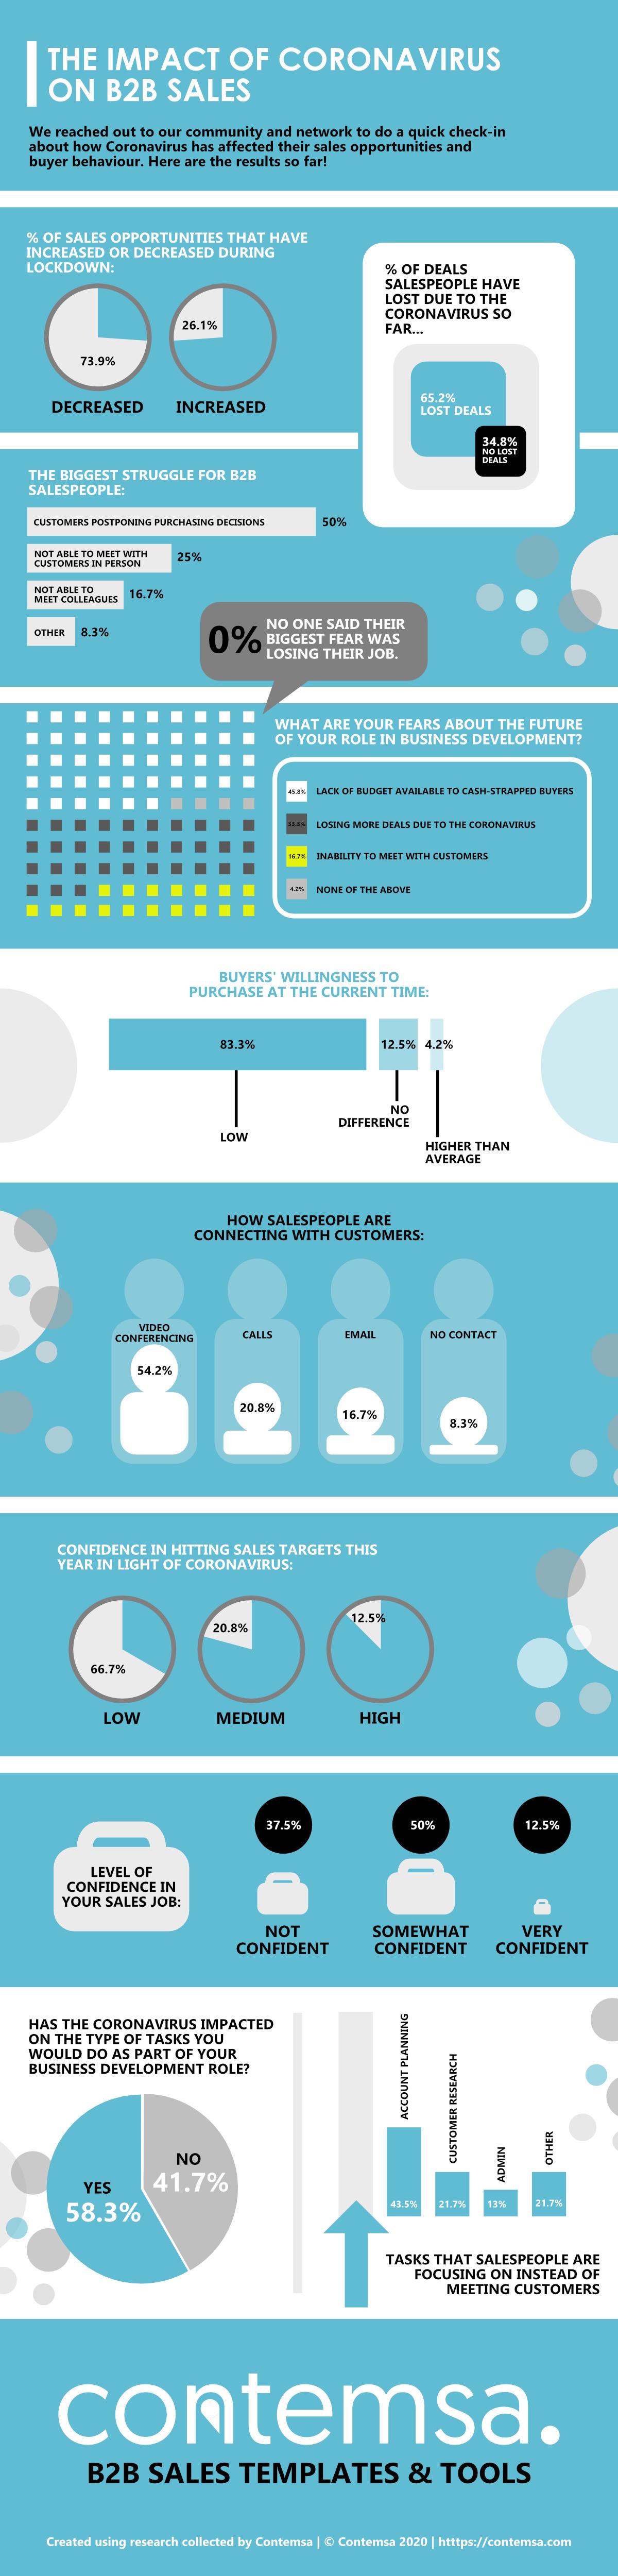 B2B Sales Statistics Coronavirus - Infographic - 2020 - Contemsa